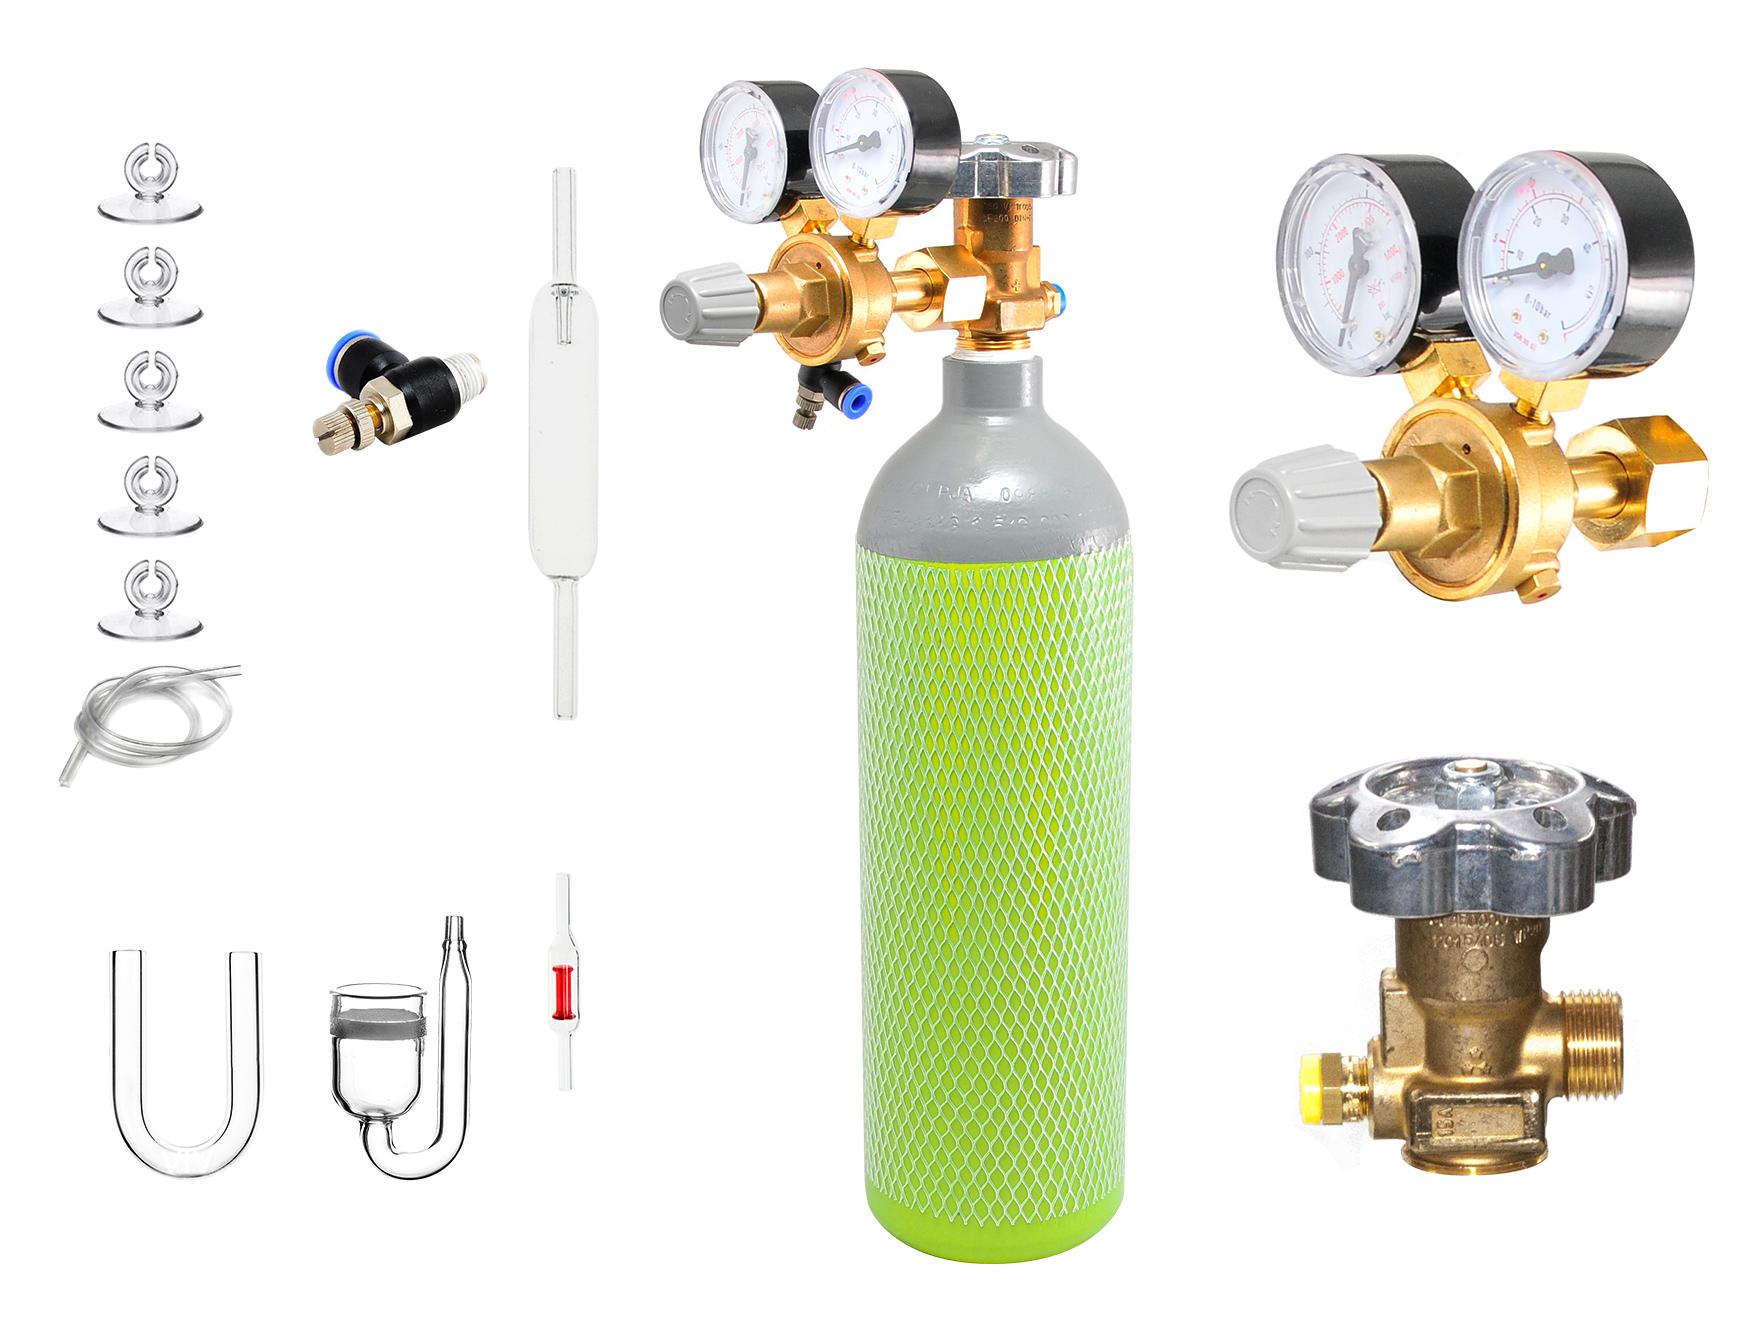 АКВА-постельных принадлежностей большим плантатор МИНИ-набор CO2 с резервуаром 1,5 кг/2,1 л